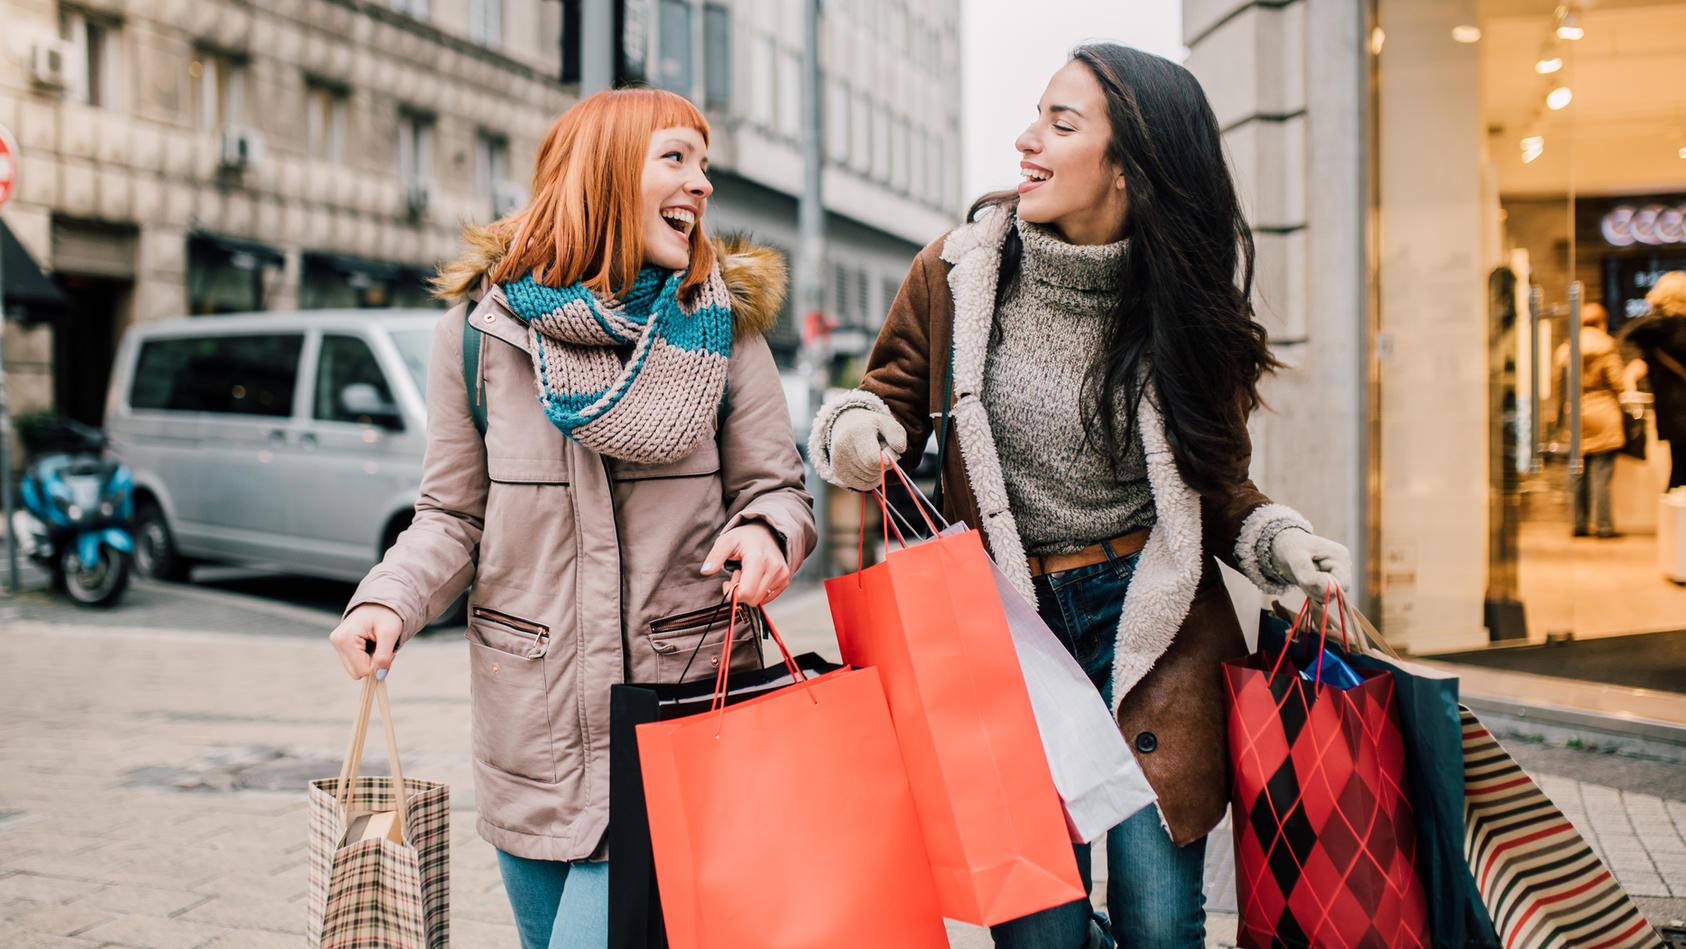 Black Friday Week bei Zalando Lounge heißt: Shoppen, shoppen und noch mal shoppen! Die besten Deals haben wir für Sie zusammengefasst.